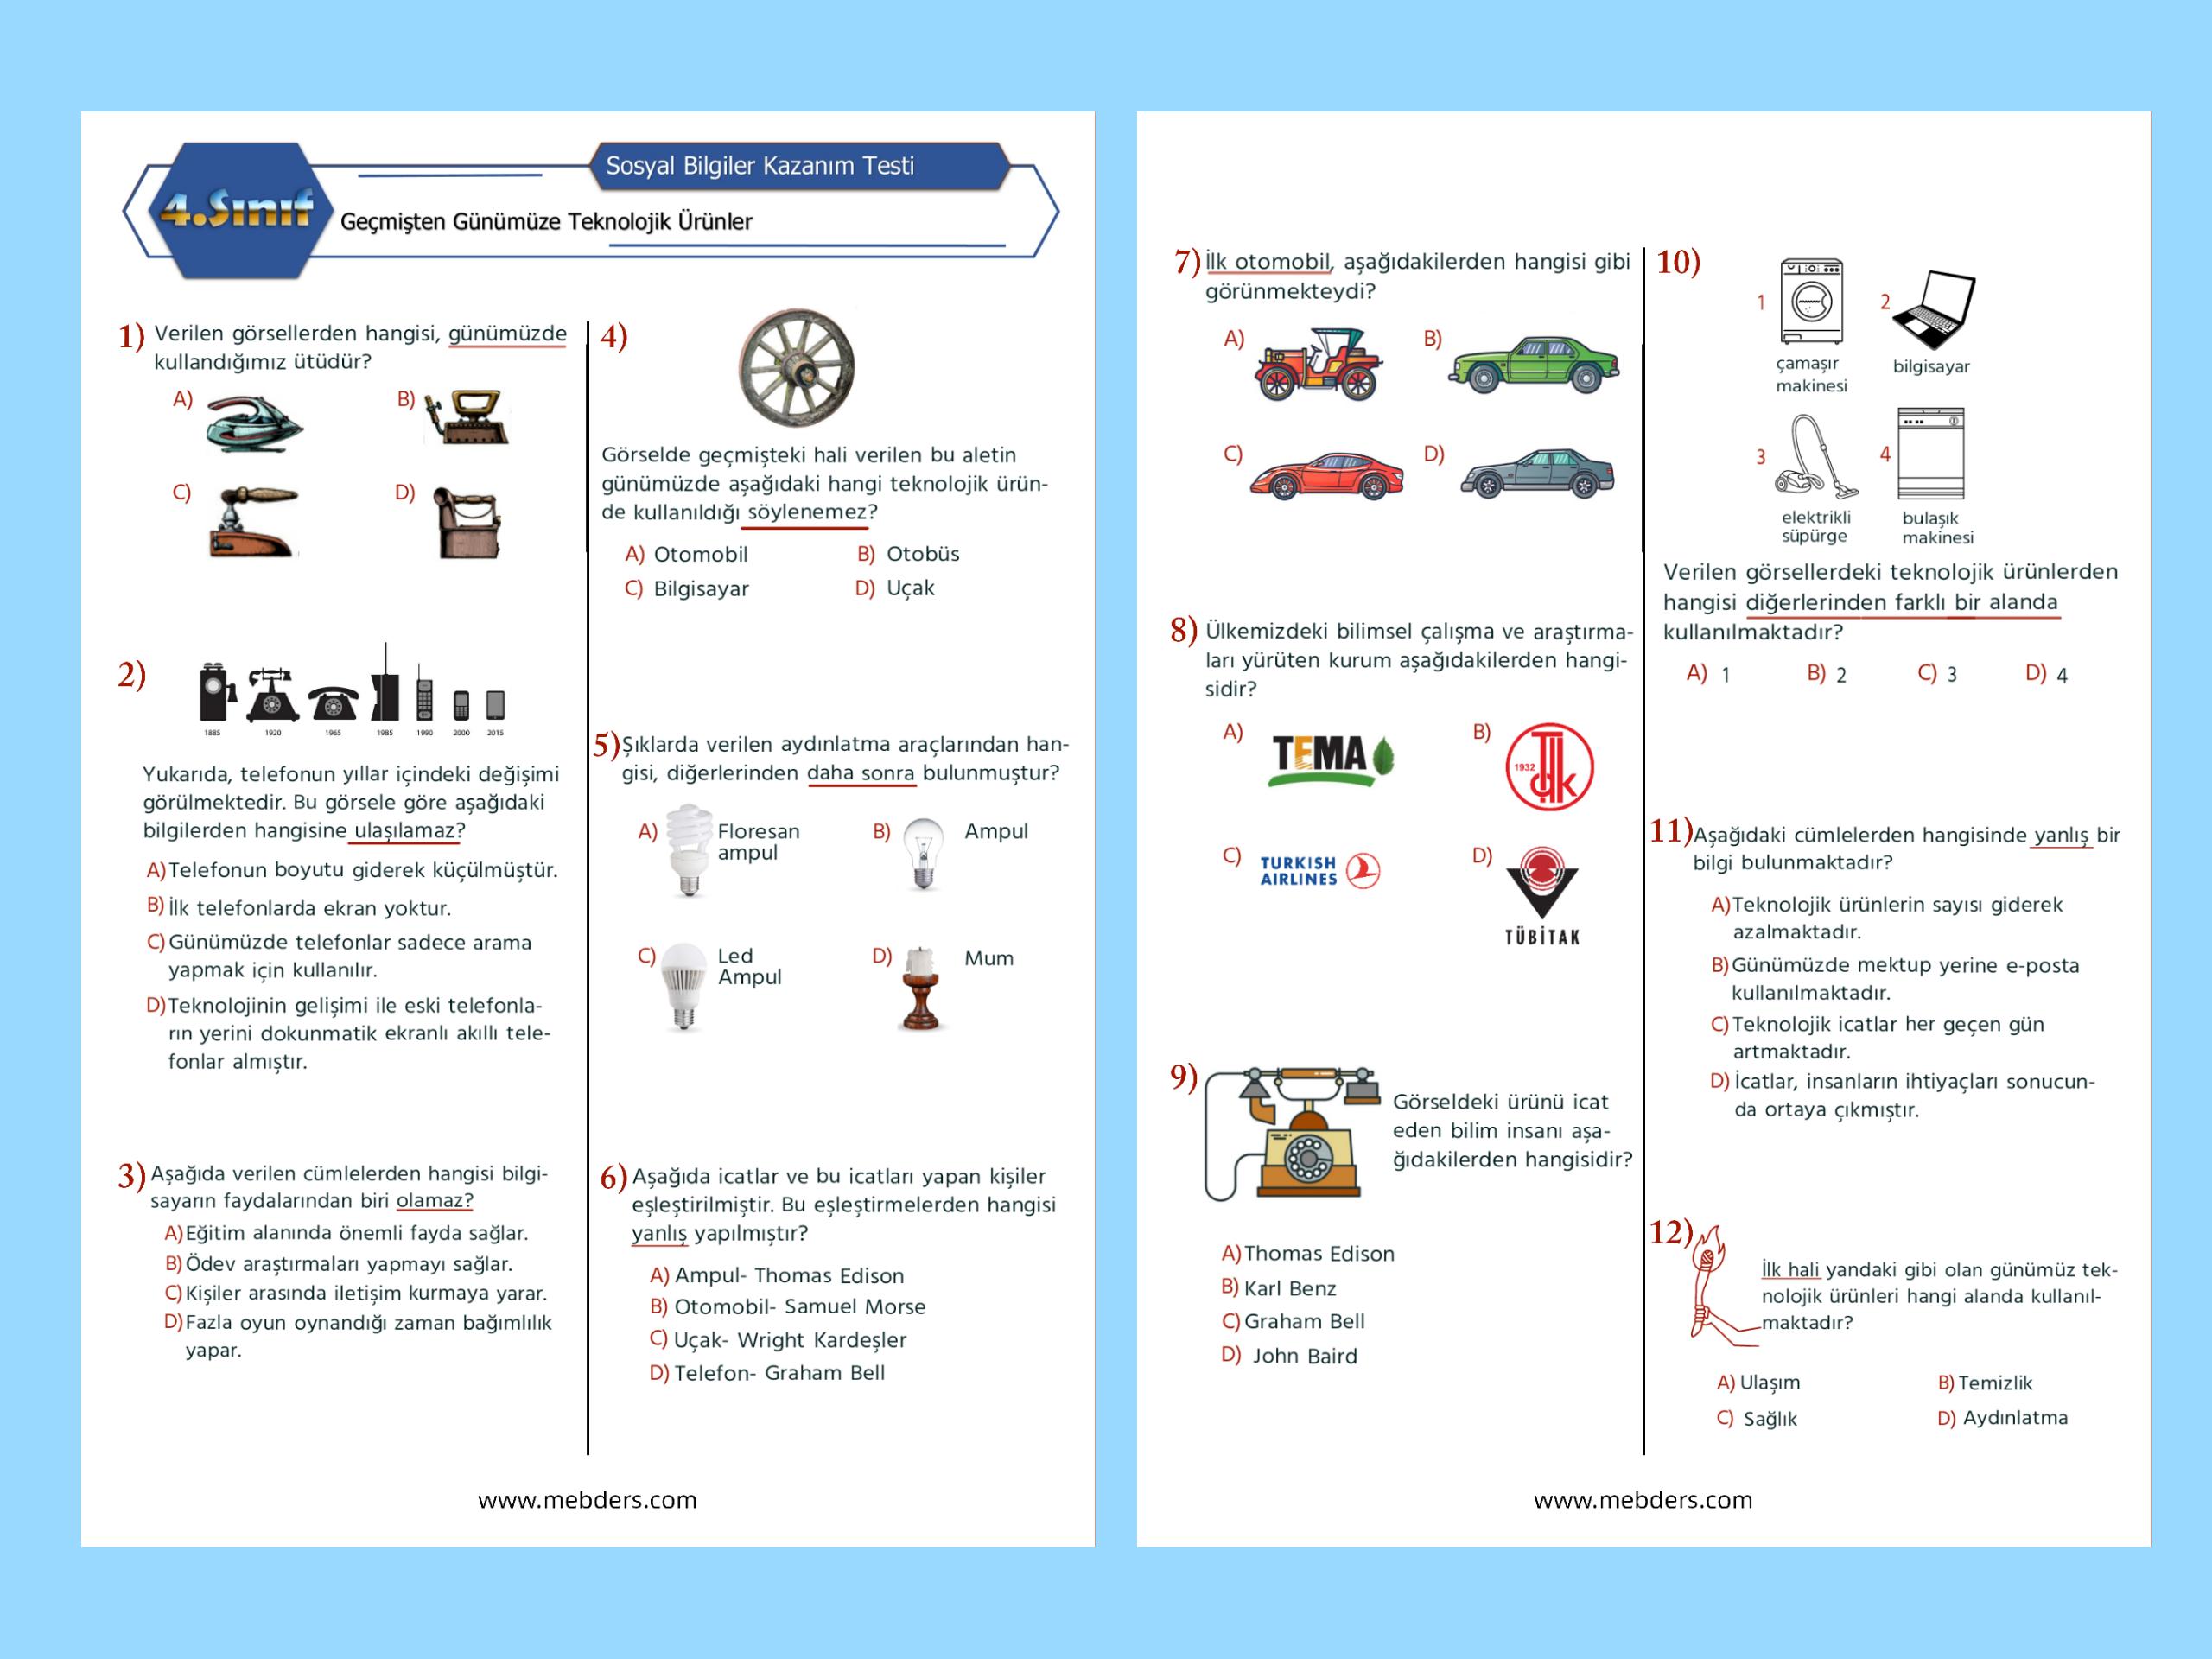 4. Sınıf Sosyal Bilgiler Geçmişten Günümüze Teknolojik Ürünler Kazanım Testi